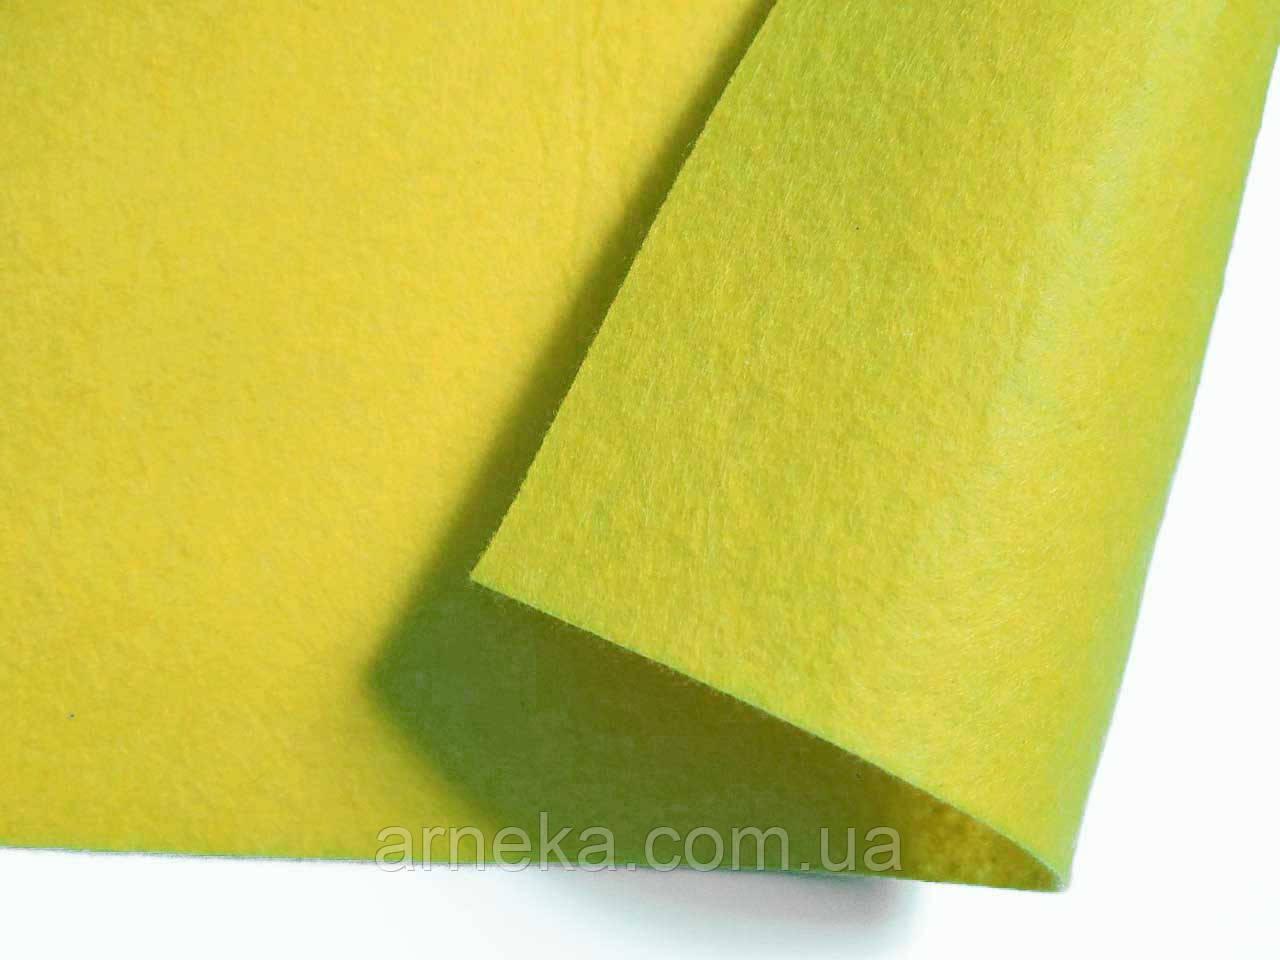 Фетр 20*25см, толщина 1 мм желтый